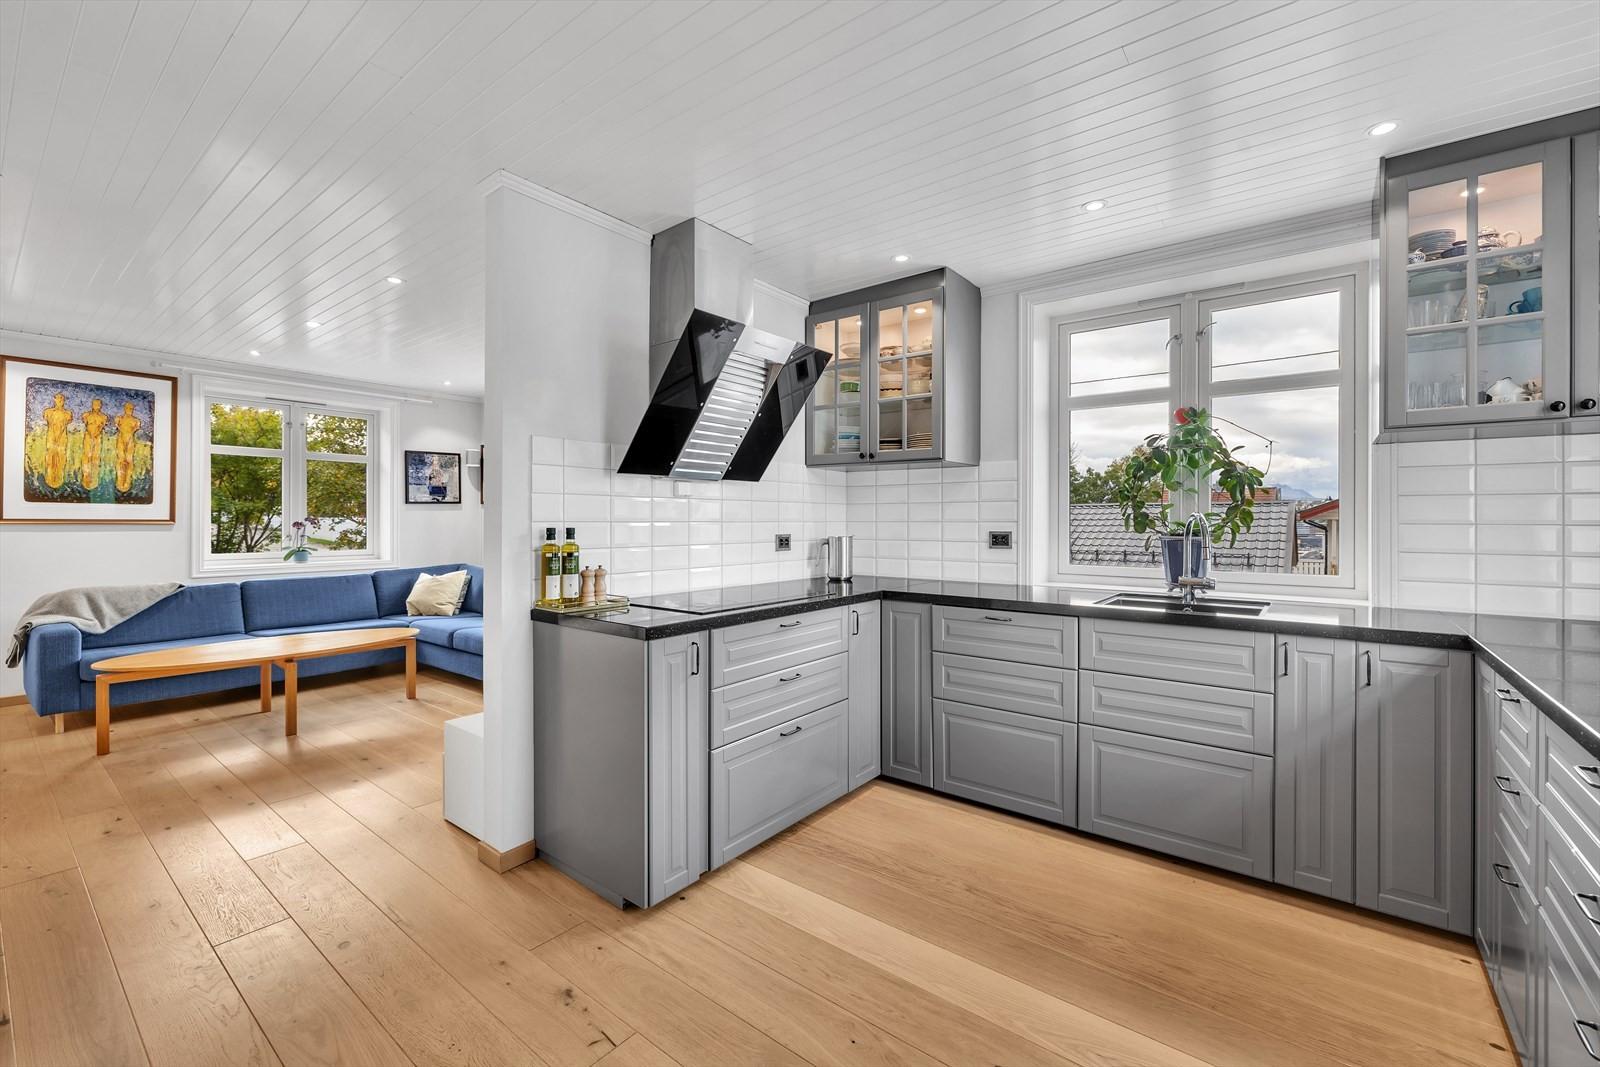 Kjøkkenet er av nyere dato med fine profilerte fronter som matcher stilen til huset